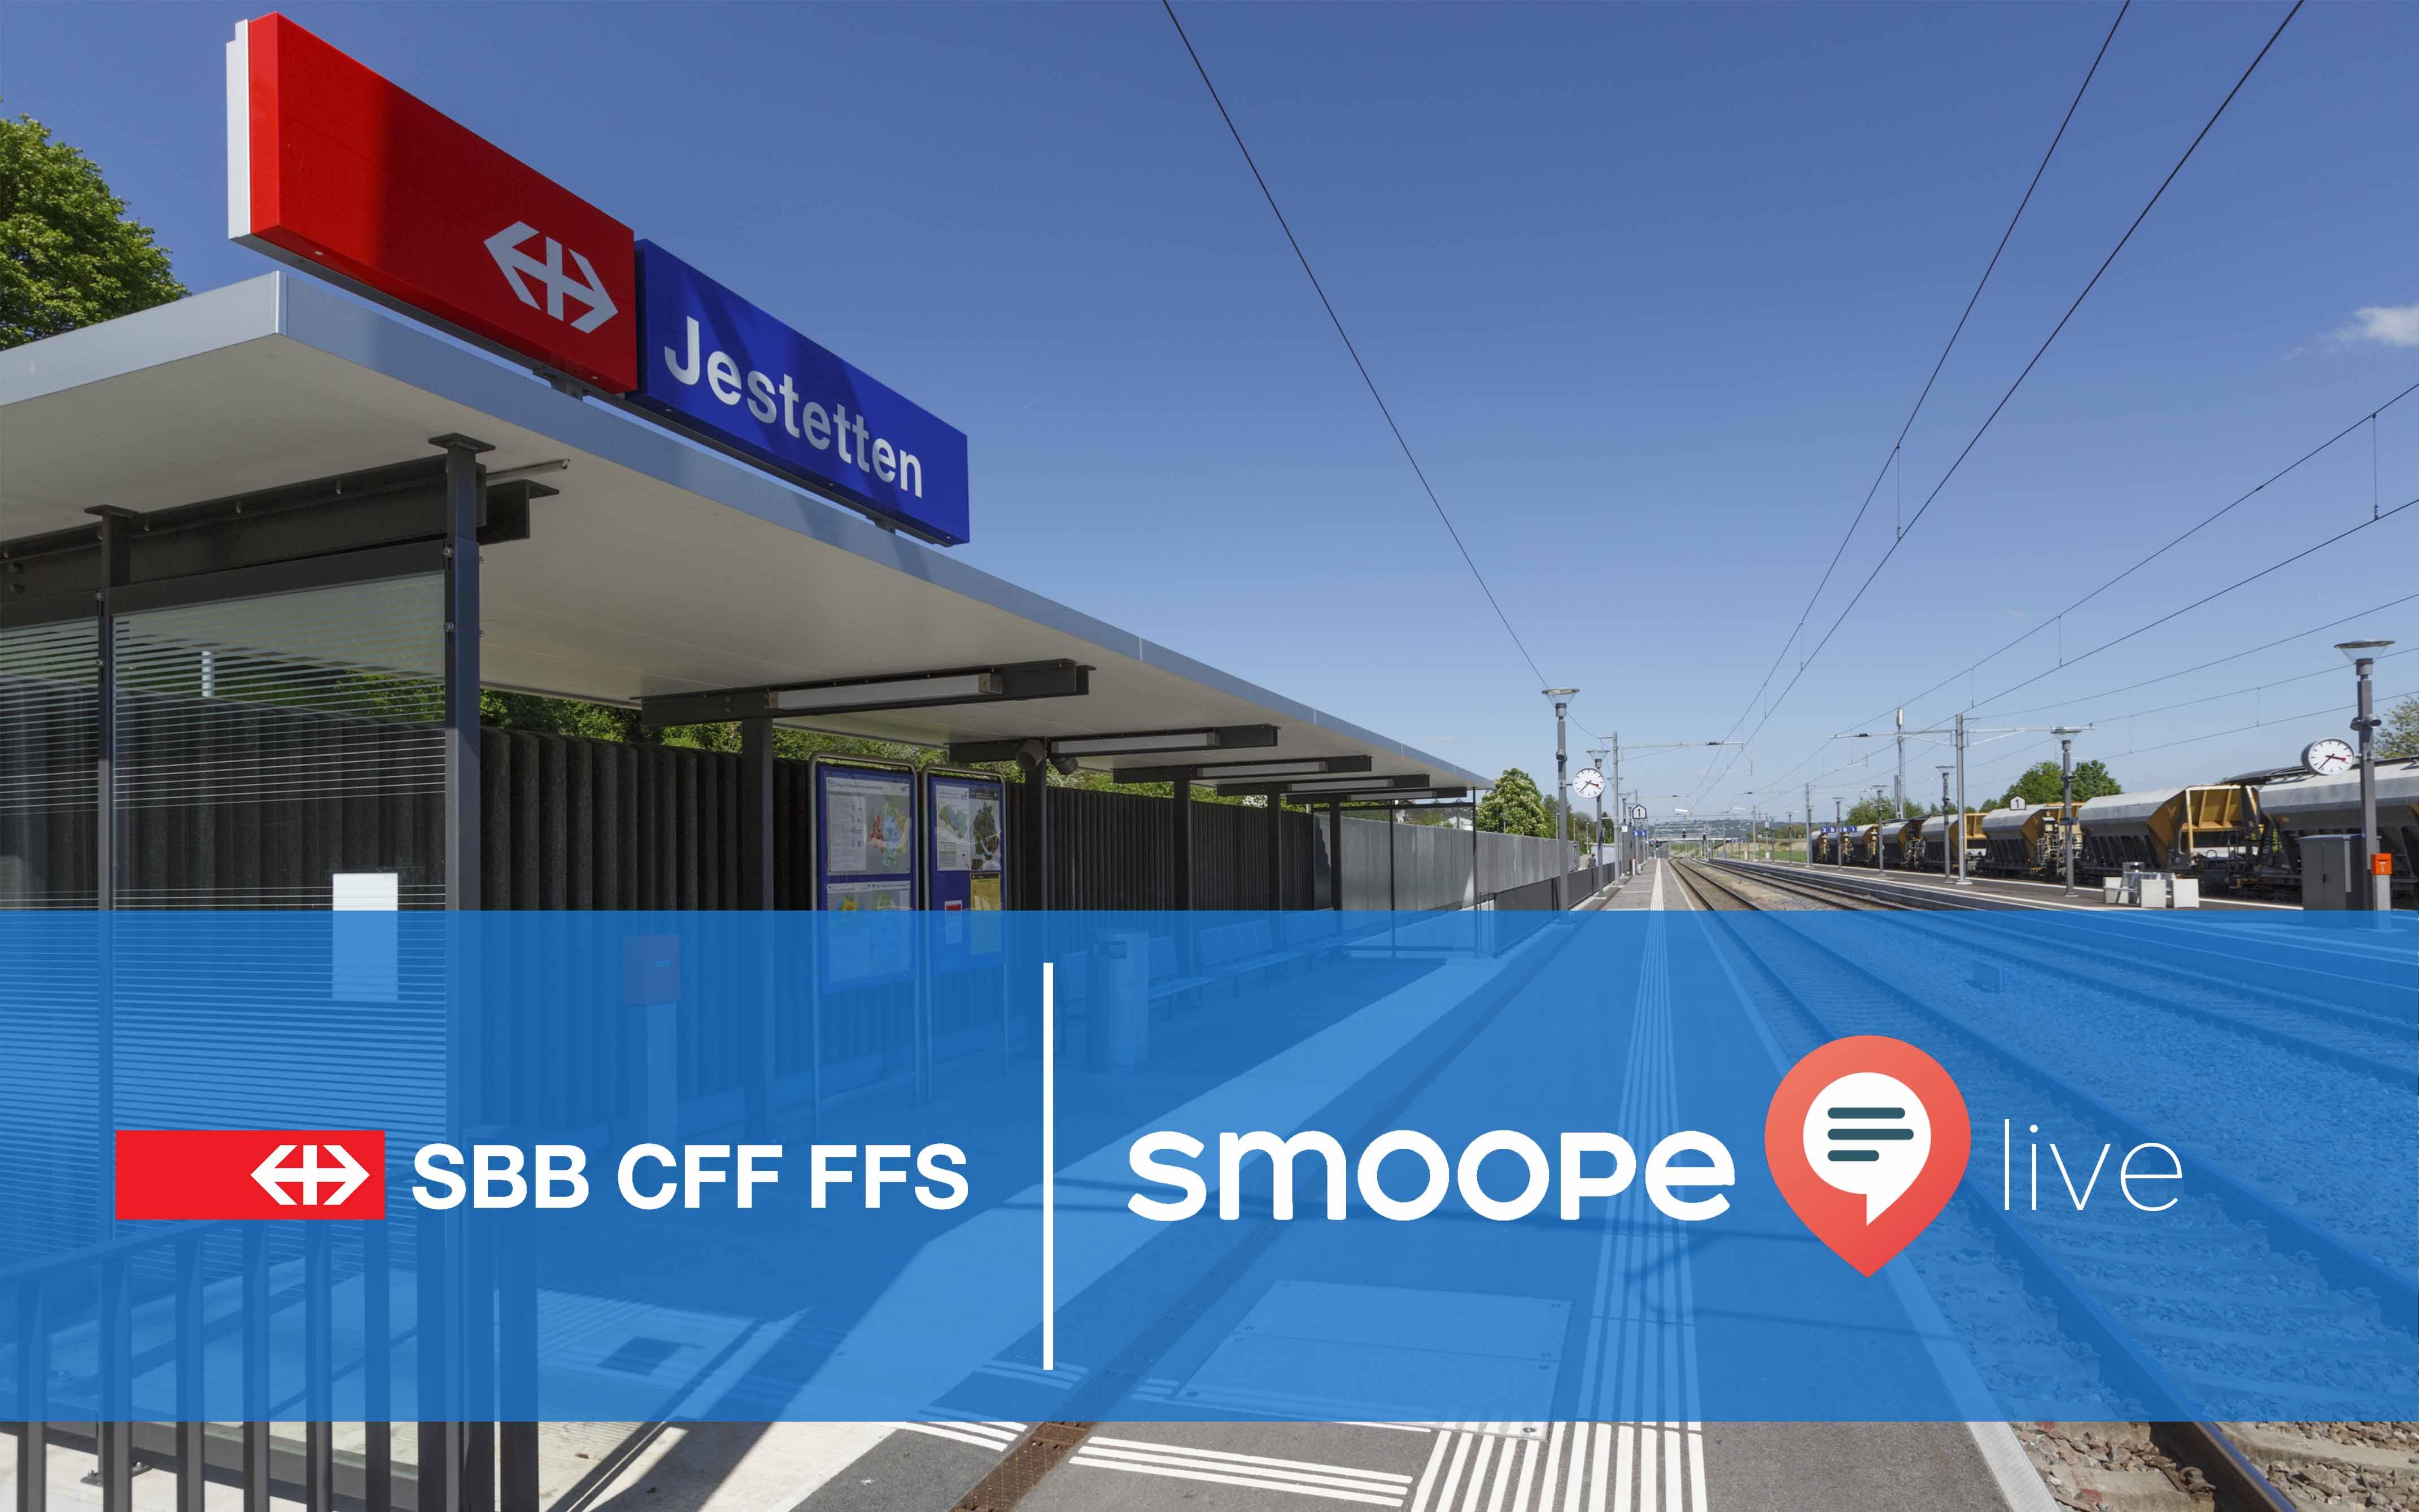 Das SBB-Team über die ersten Erfahrungen mit smoope im Recruiting